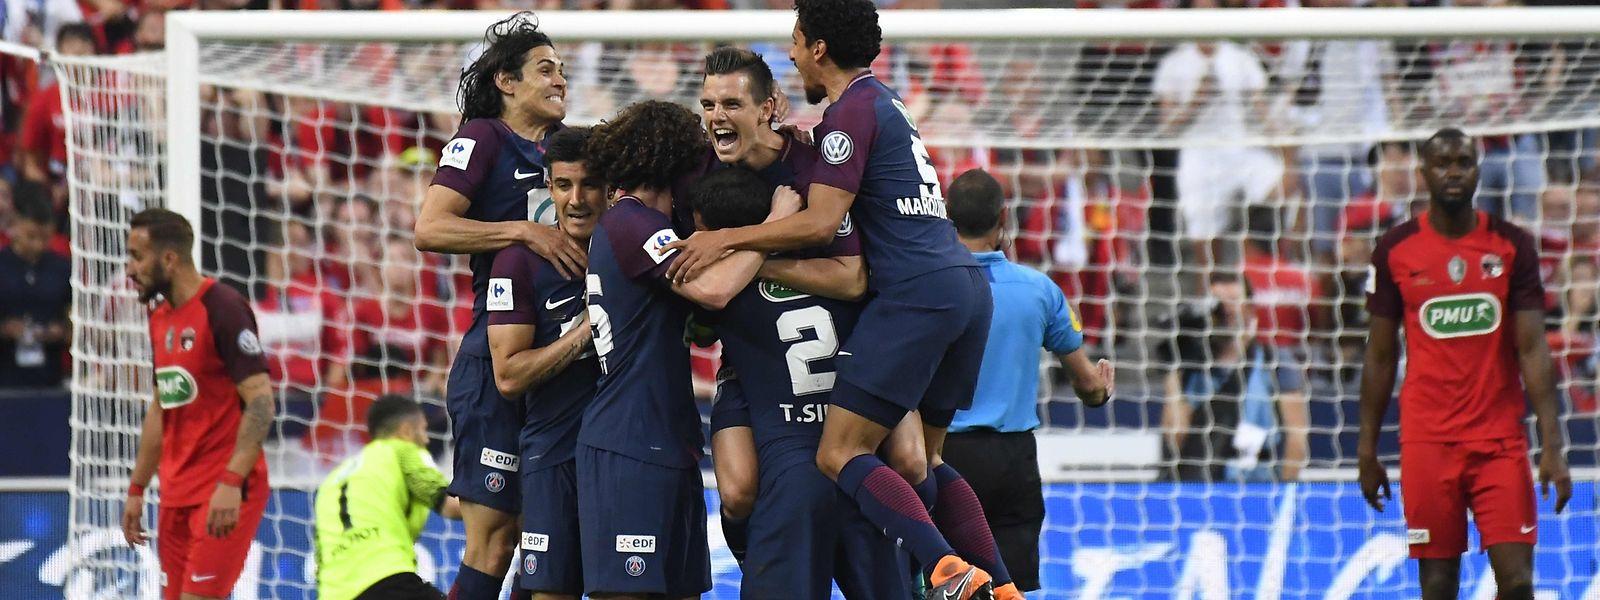 Die Spieler von Paris SG bejubelten zwei Treffer.